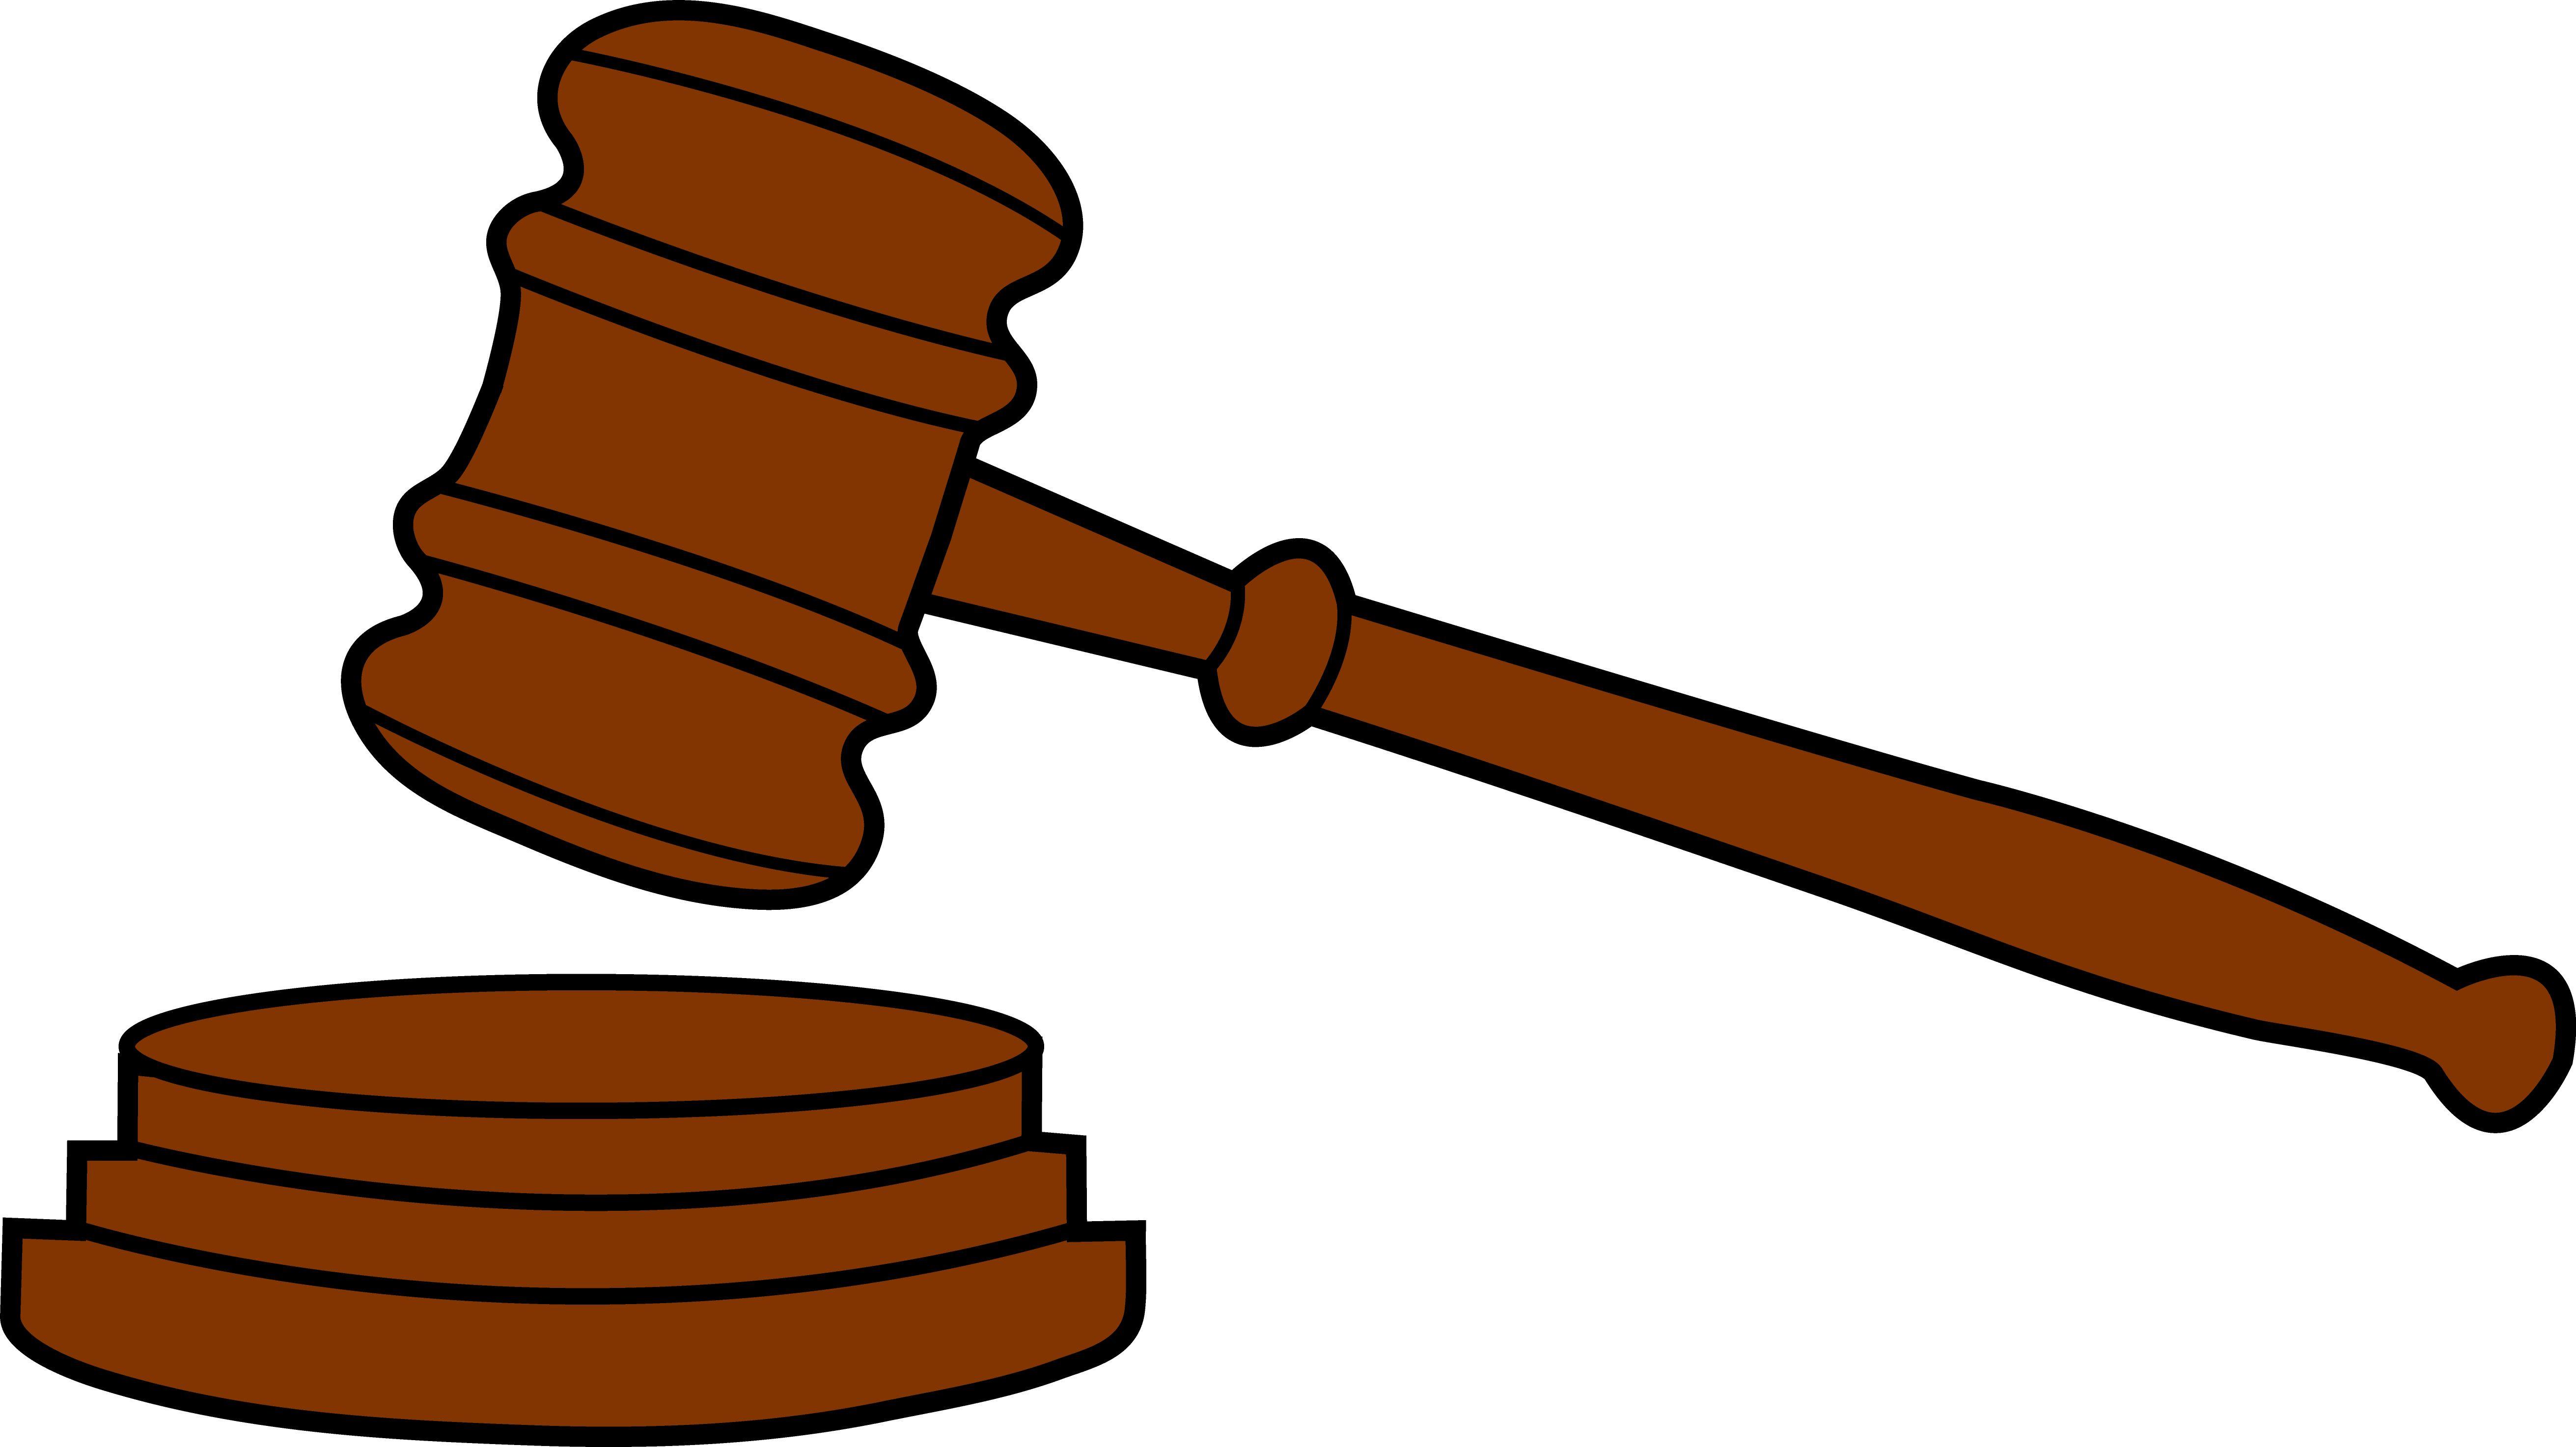 Court Clipart-Court Clipart-8